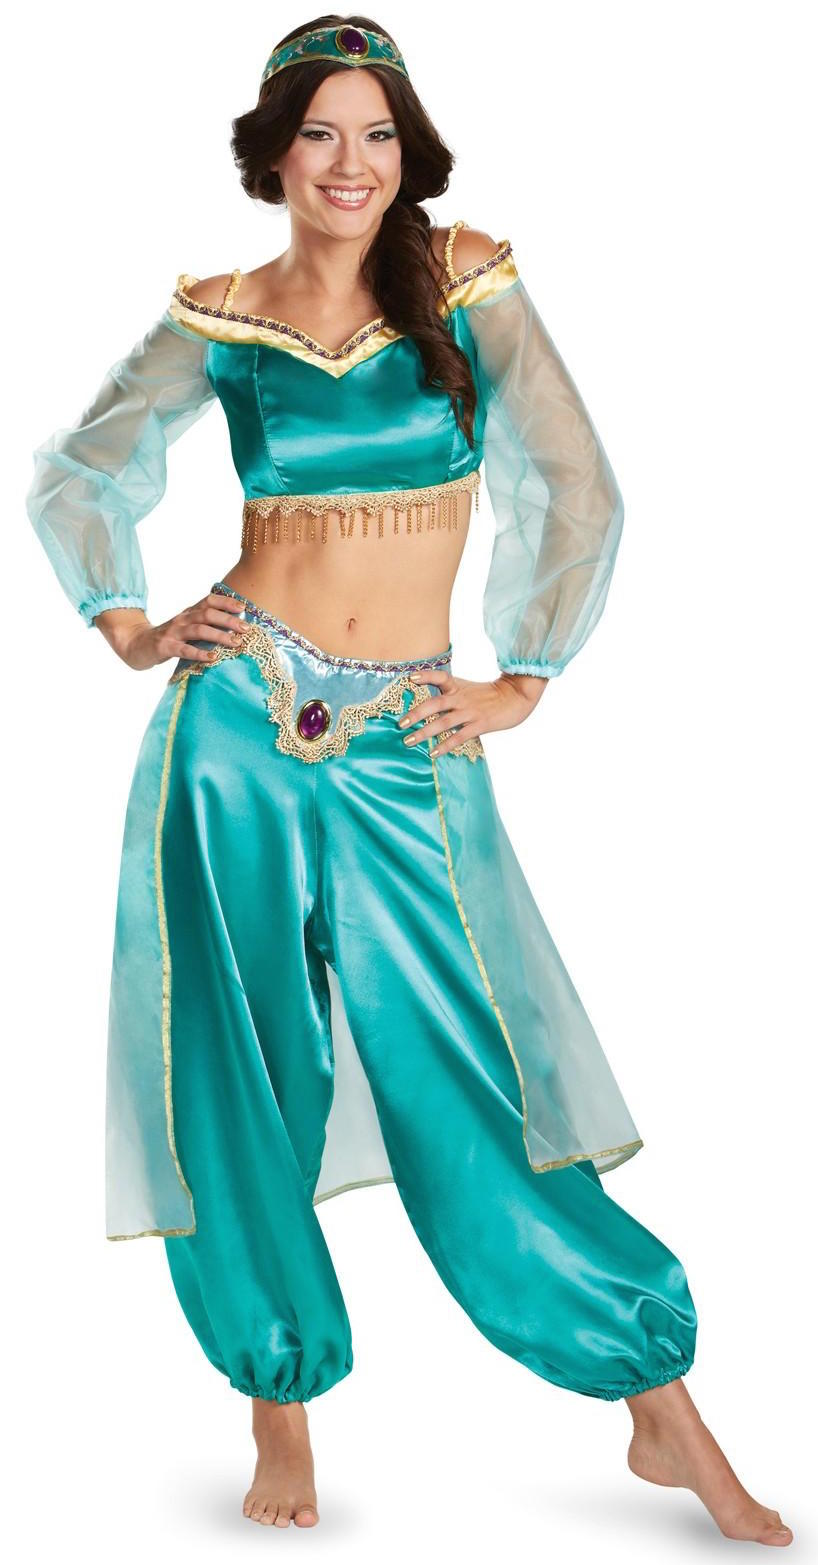 Disney Princess Jasmine Costume